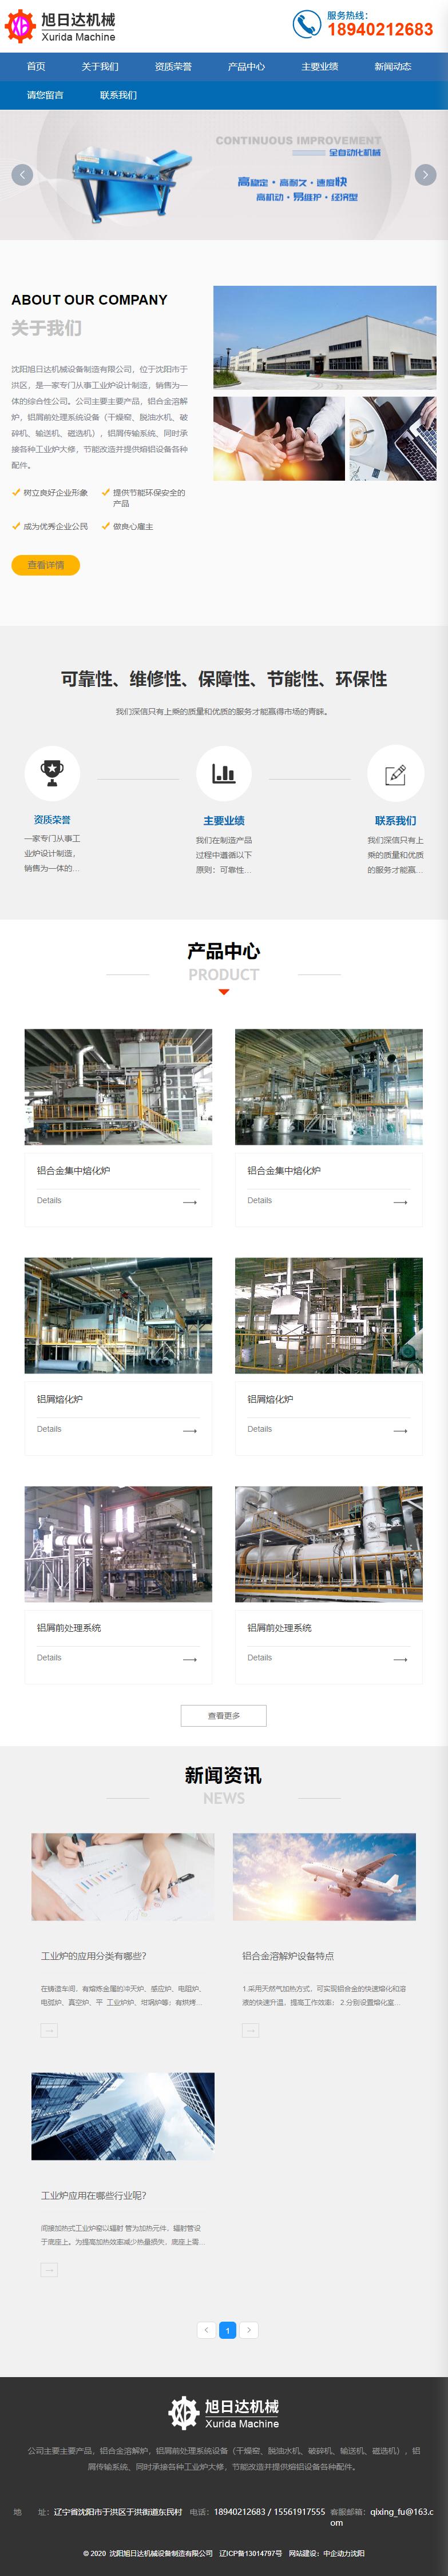 沈阳旭日达机械设备制造有限公司网站案例